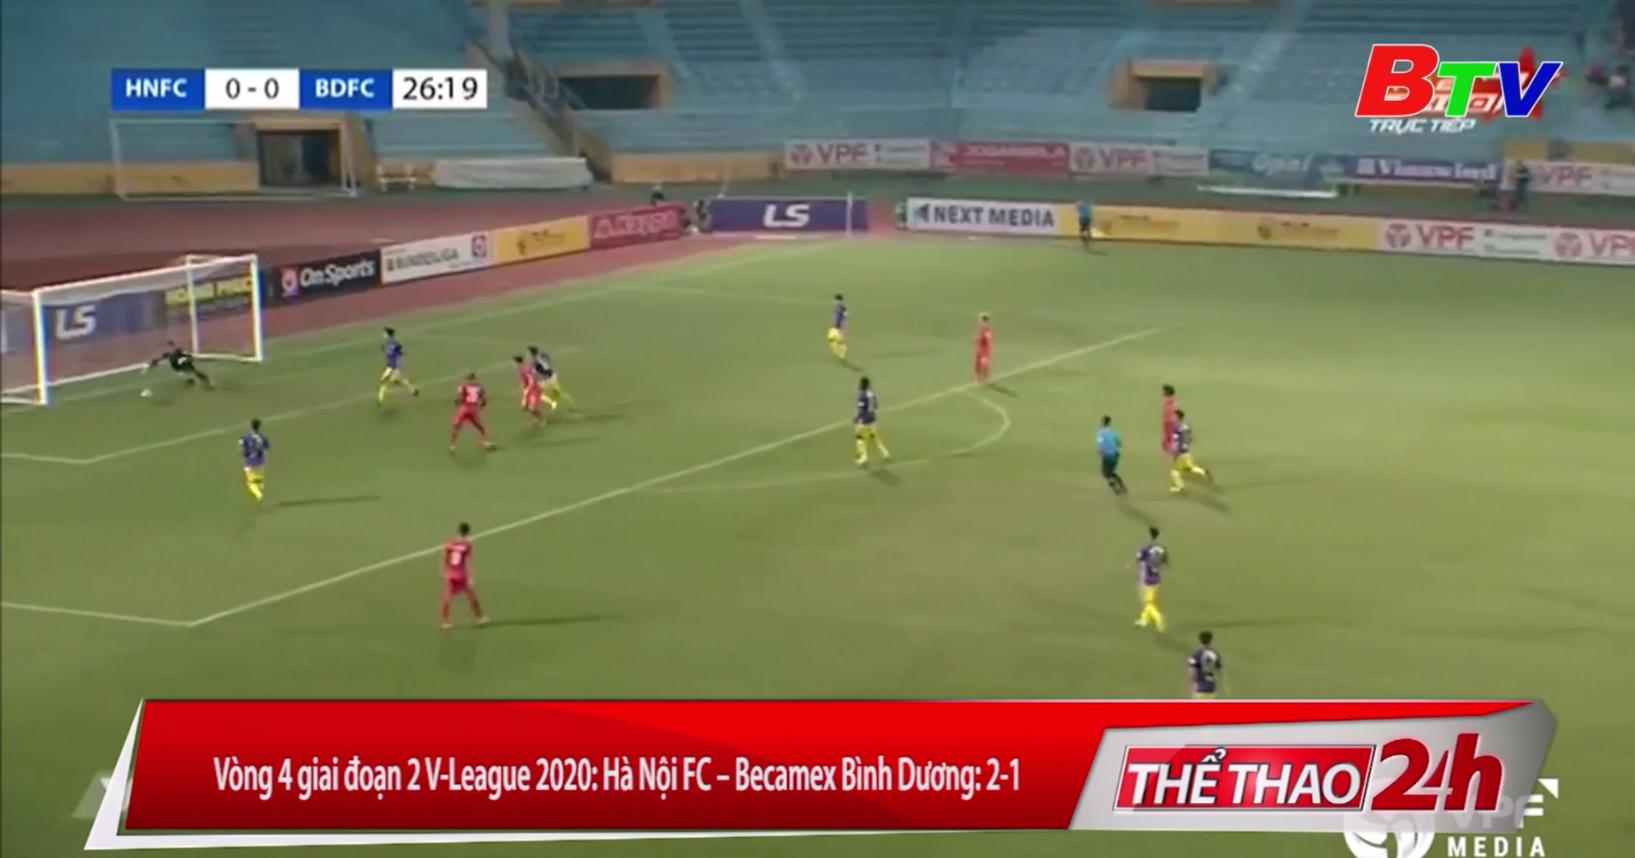 Vòng 4 giai đoạn 2 V-League 2020 – Hà Nội FC 2-1 Becamex Bình Dương